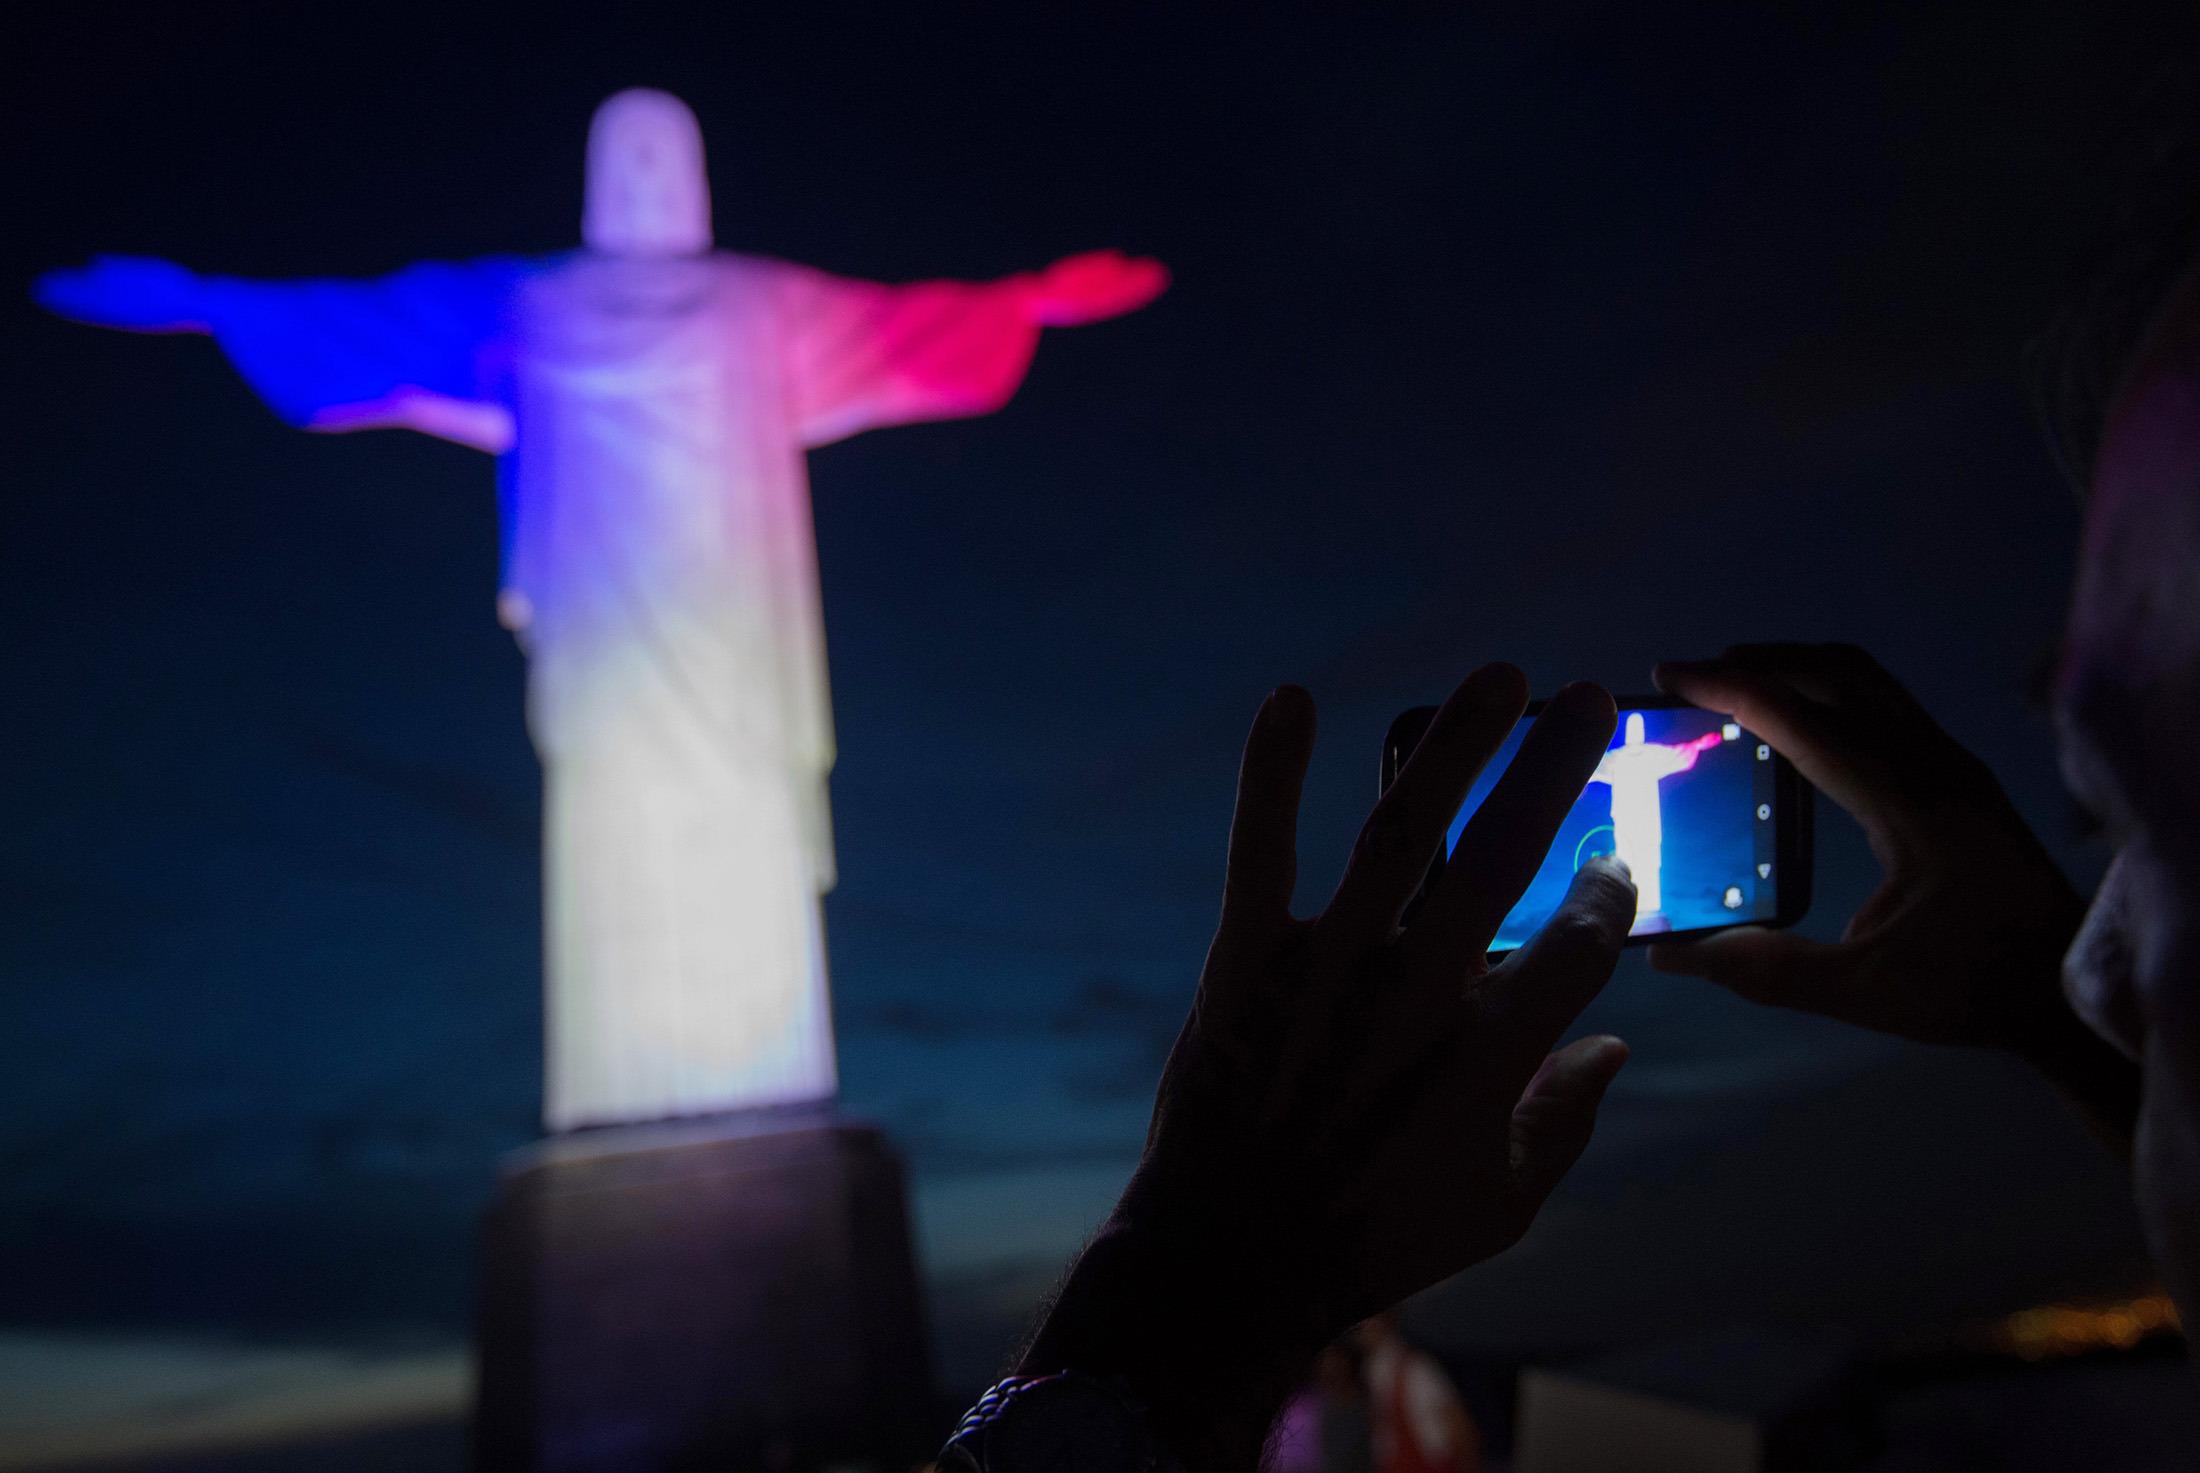 Rio de Janeiro, Brazil in red, white, blue color